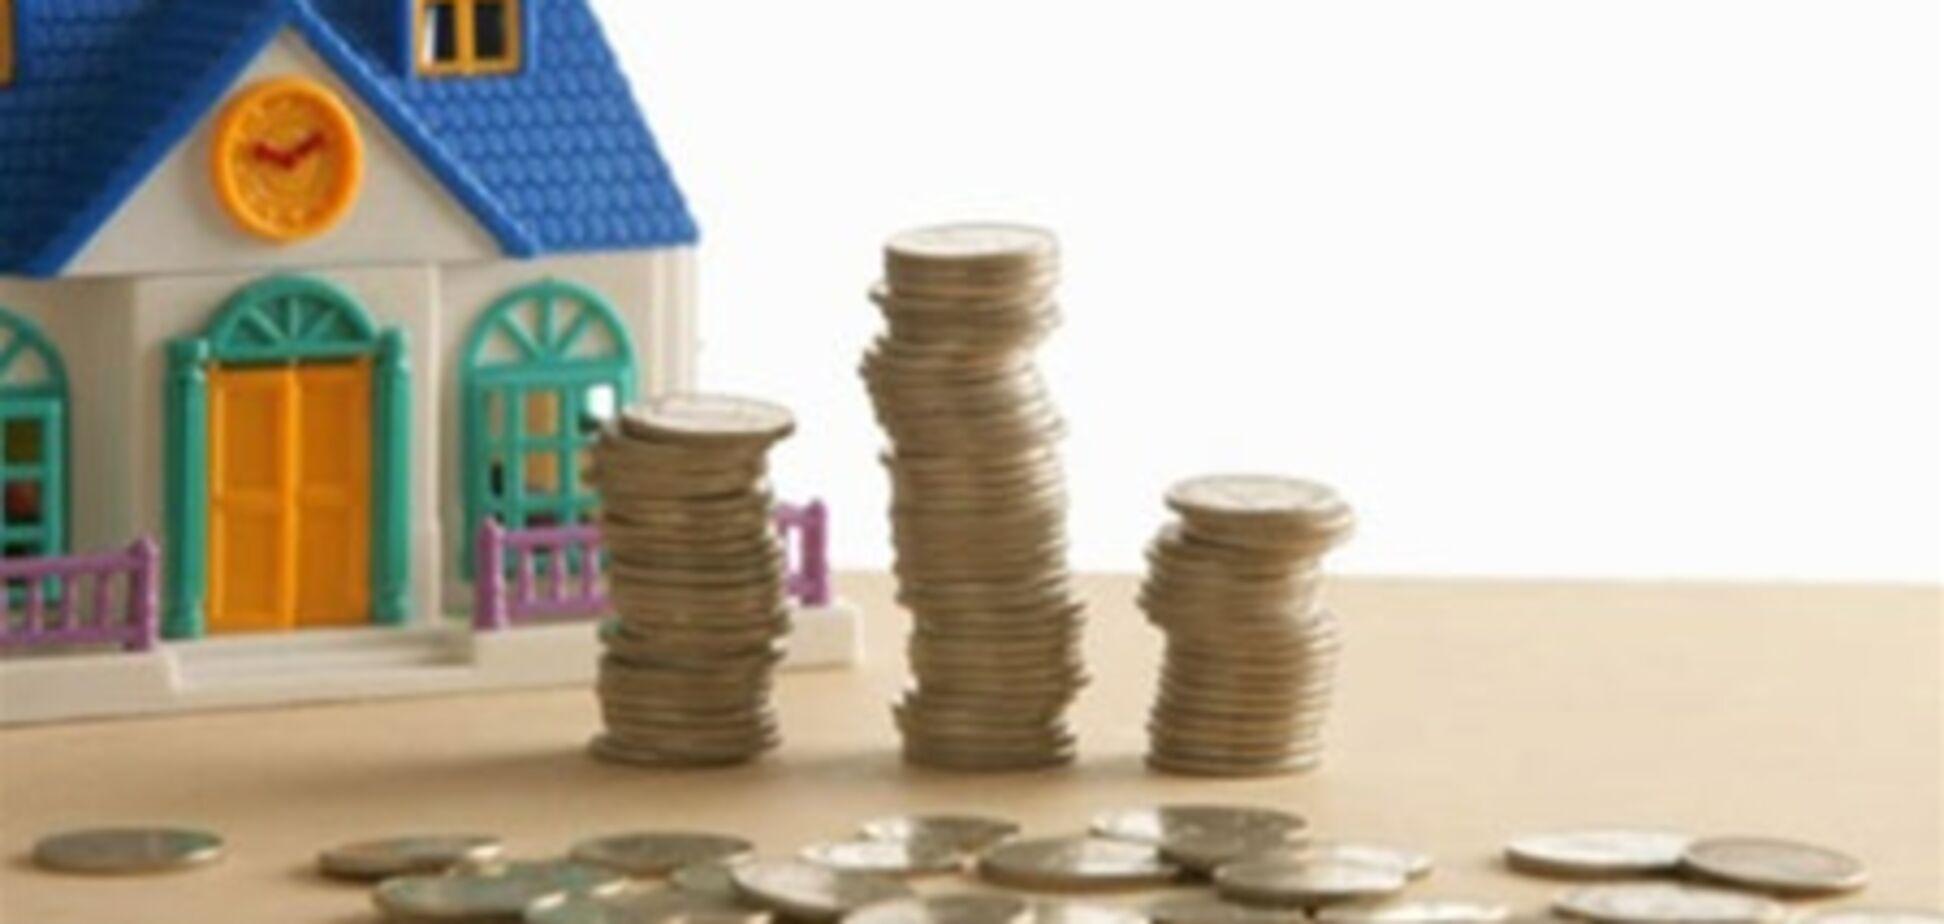 НБУ разработал программу развития ипотечного кредитования